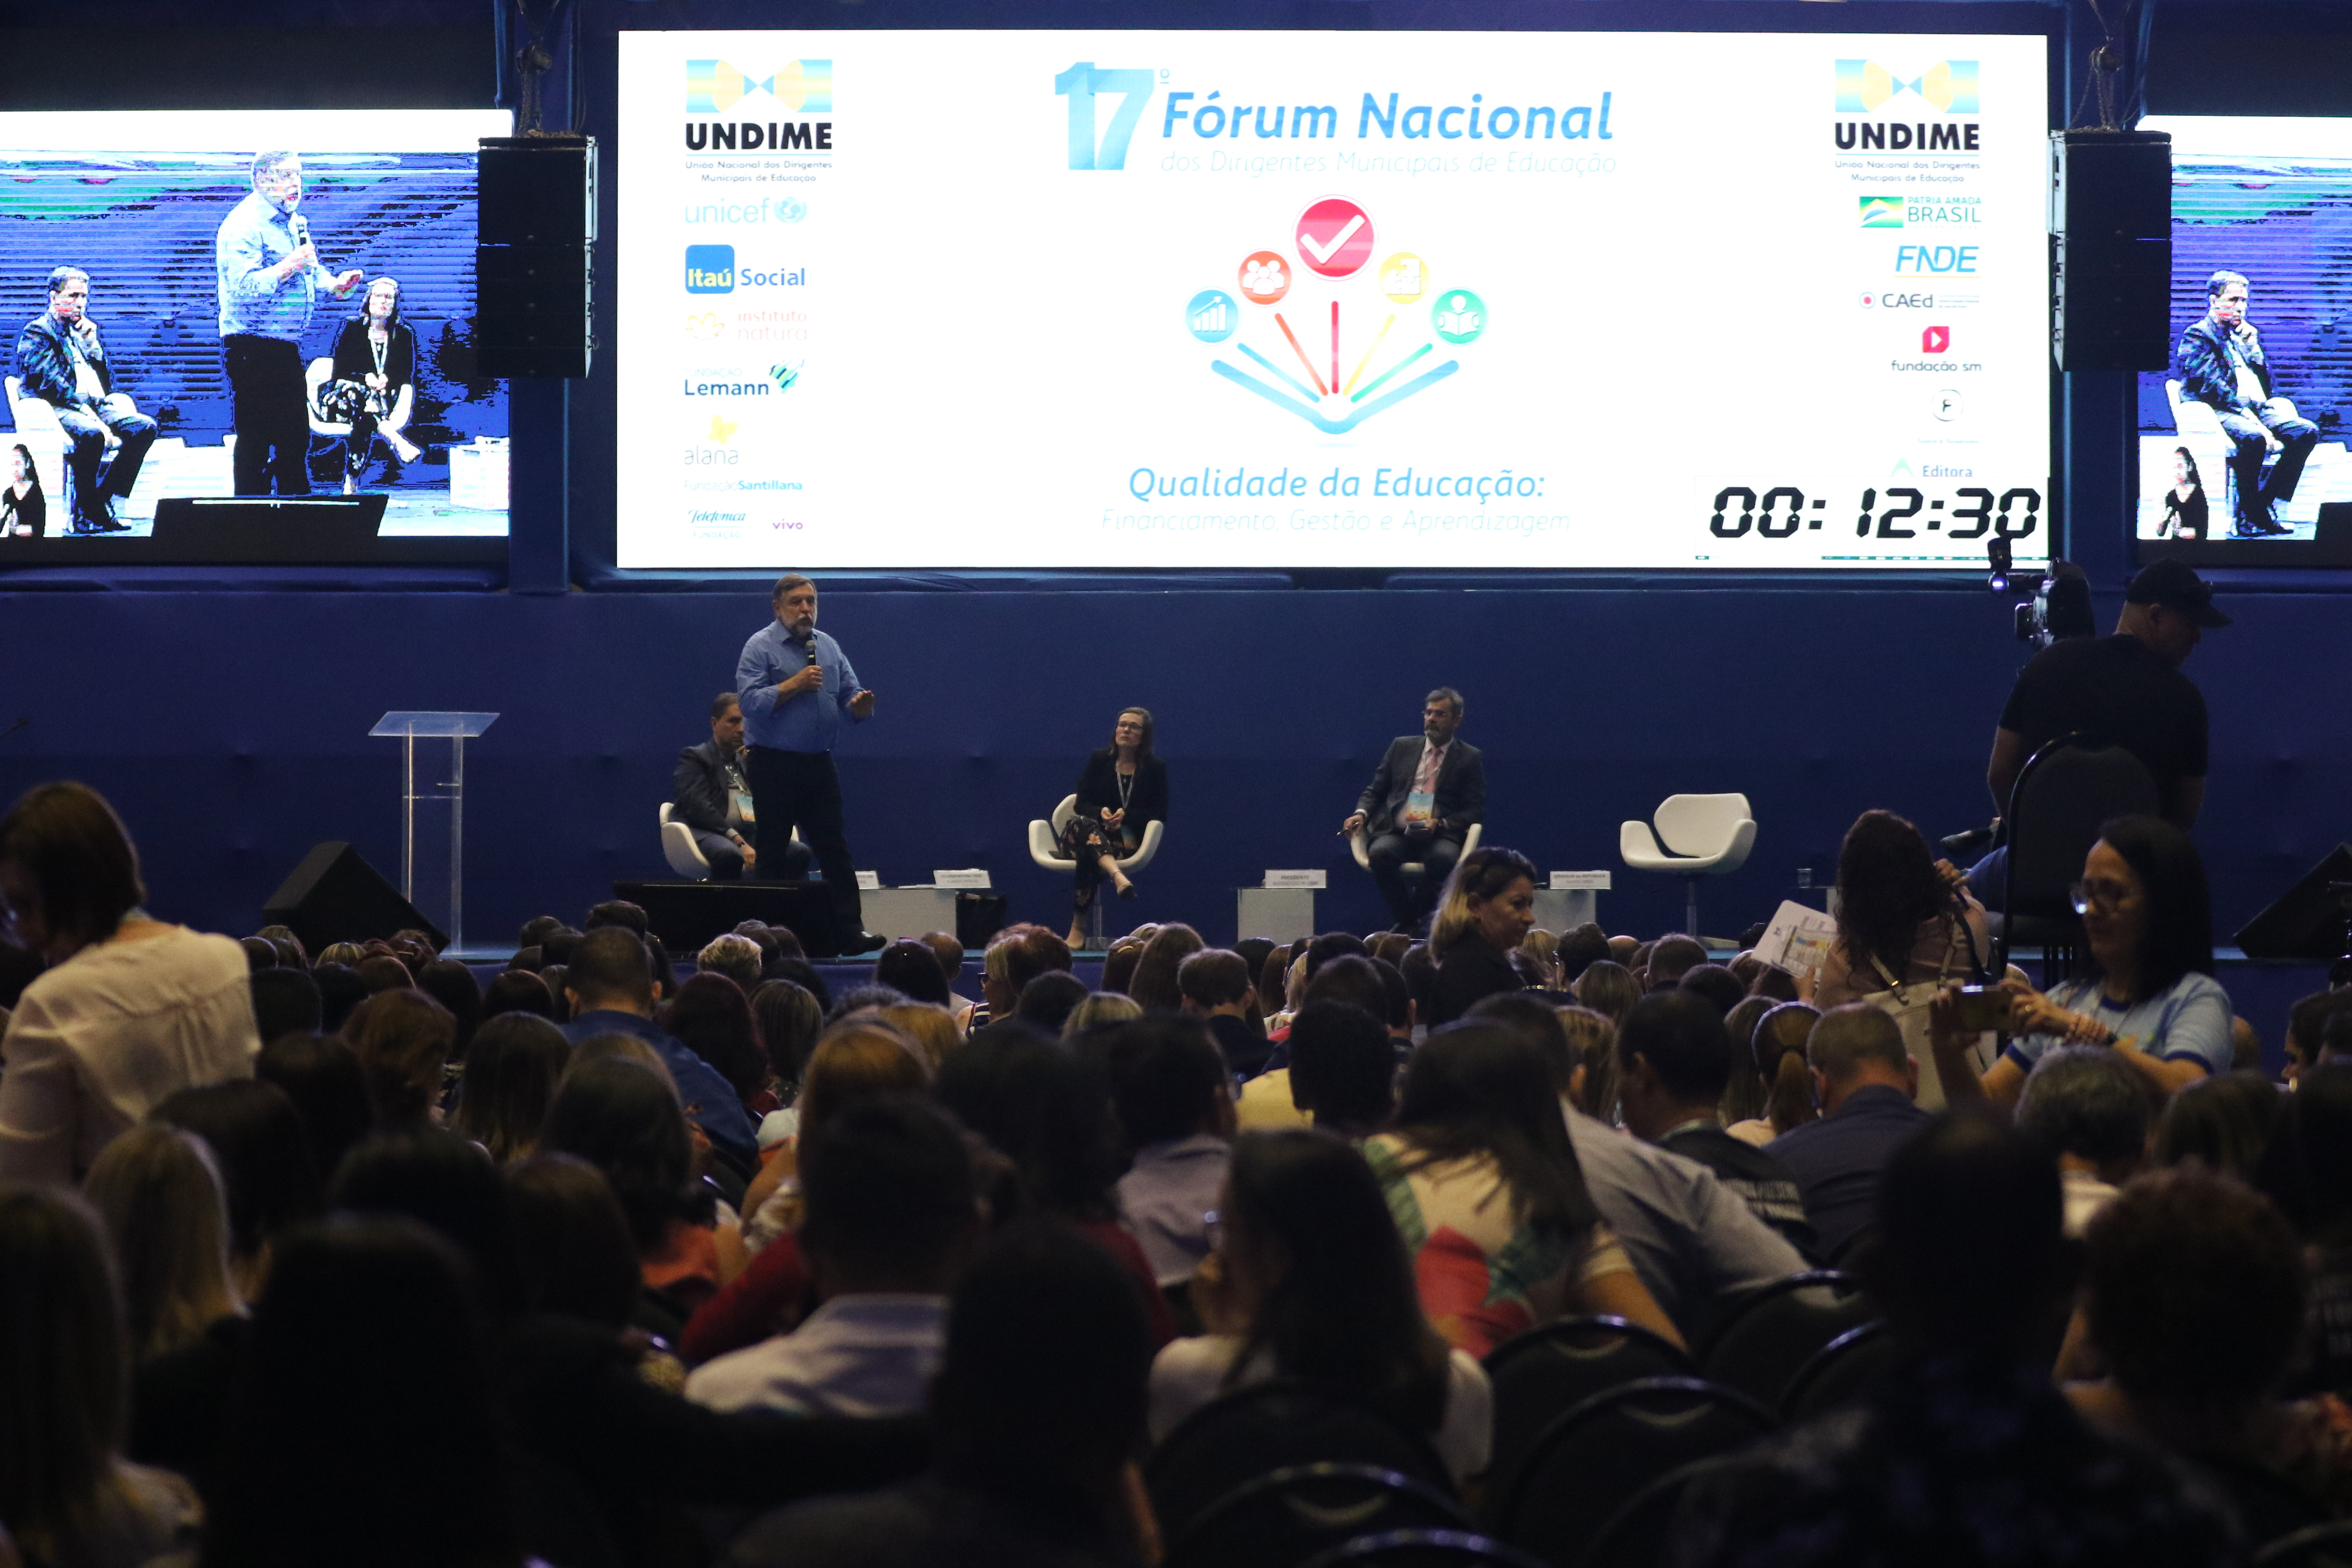 Fim do Novo Mais Educação, Fundeb permanente: os destaques do 17º Congresso da Undime